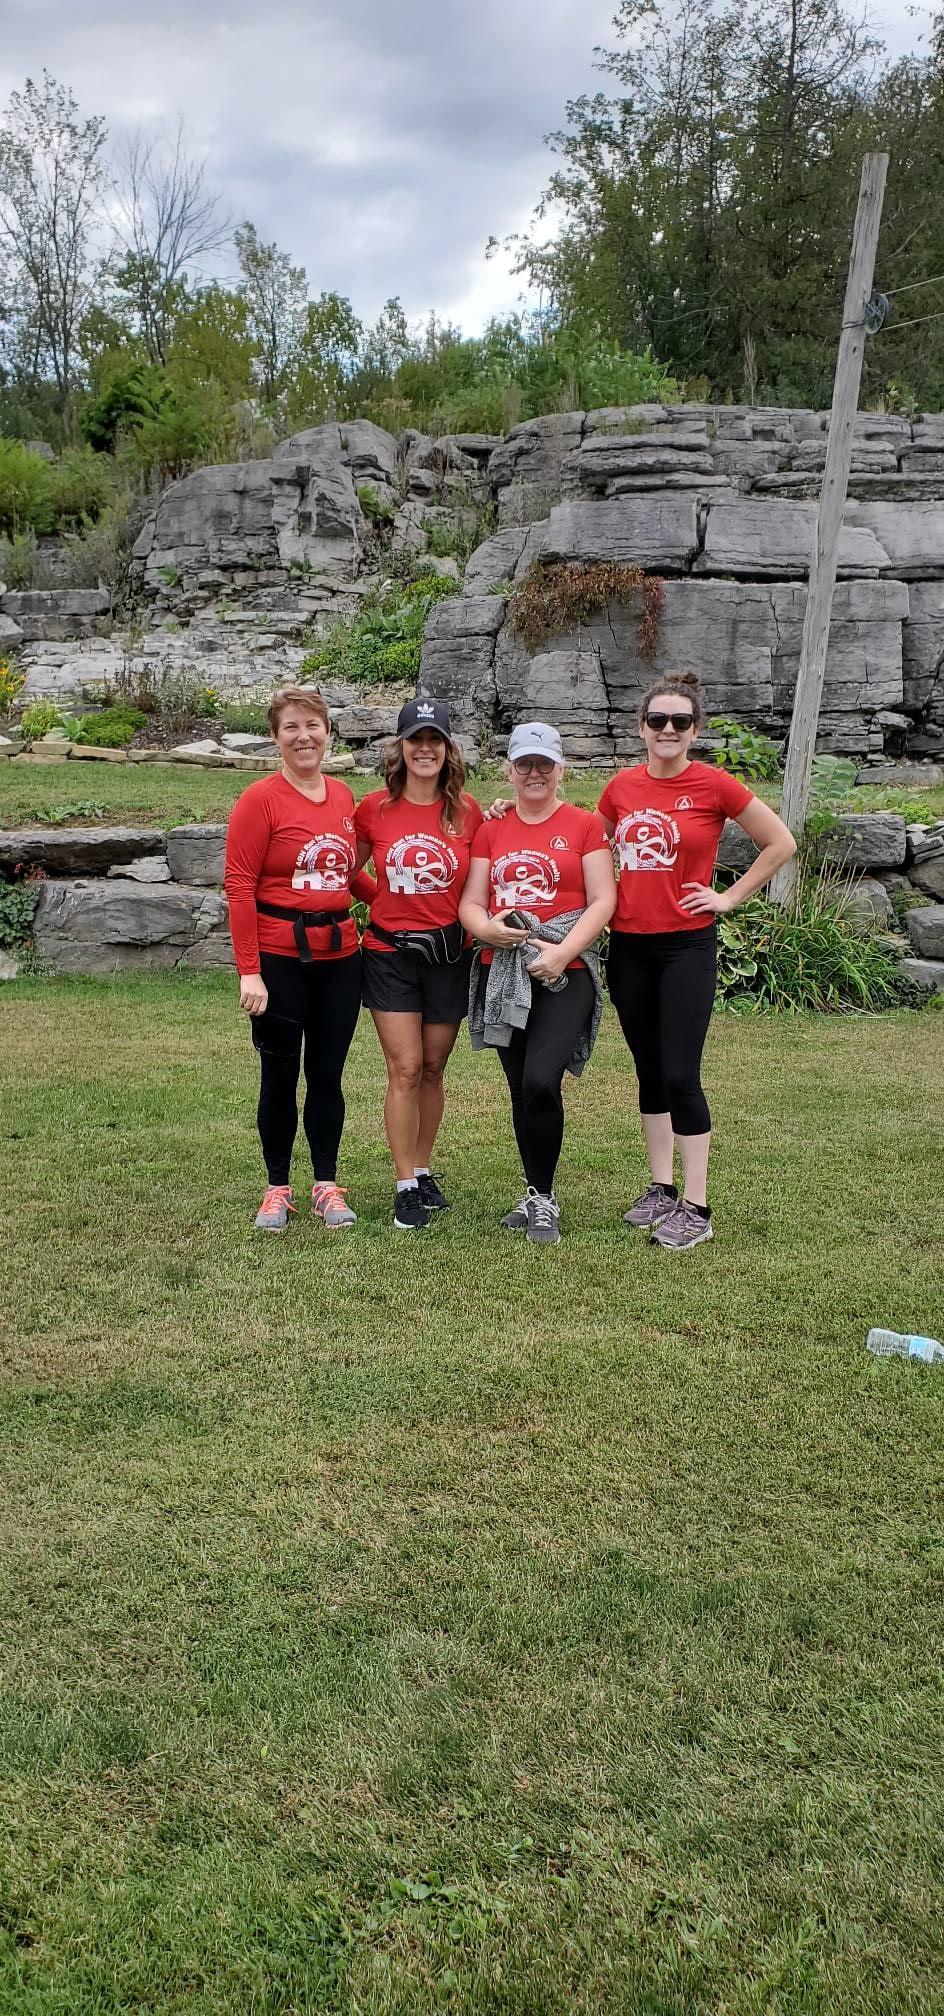 8th annual AGH Run for Women's Health a virtual success raising over $25K